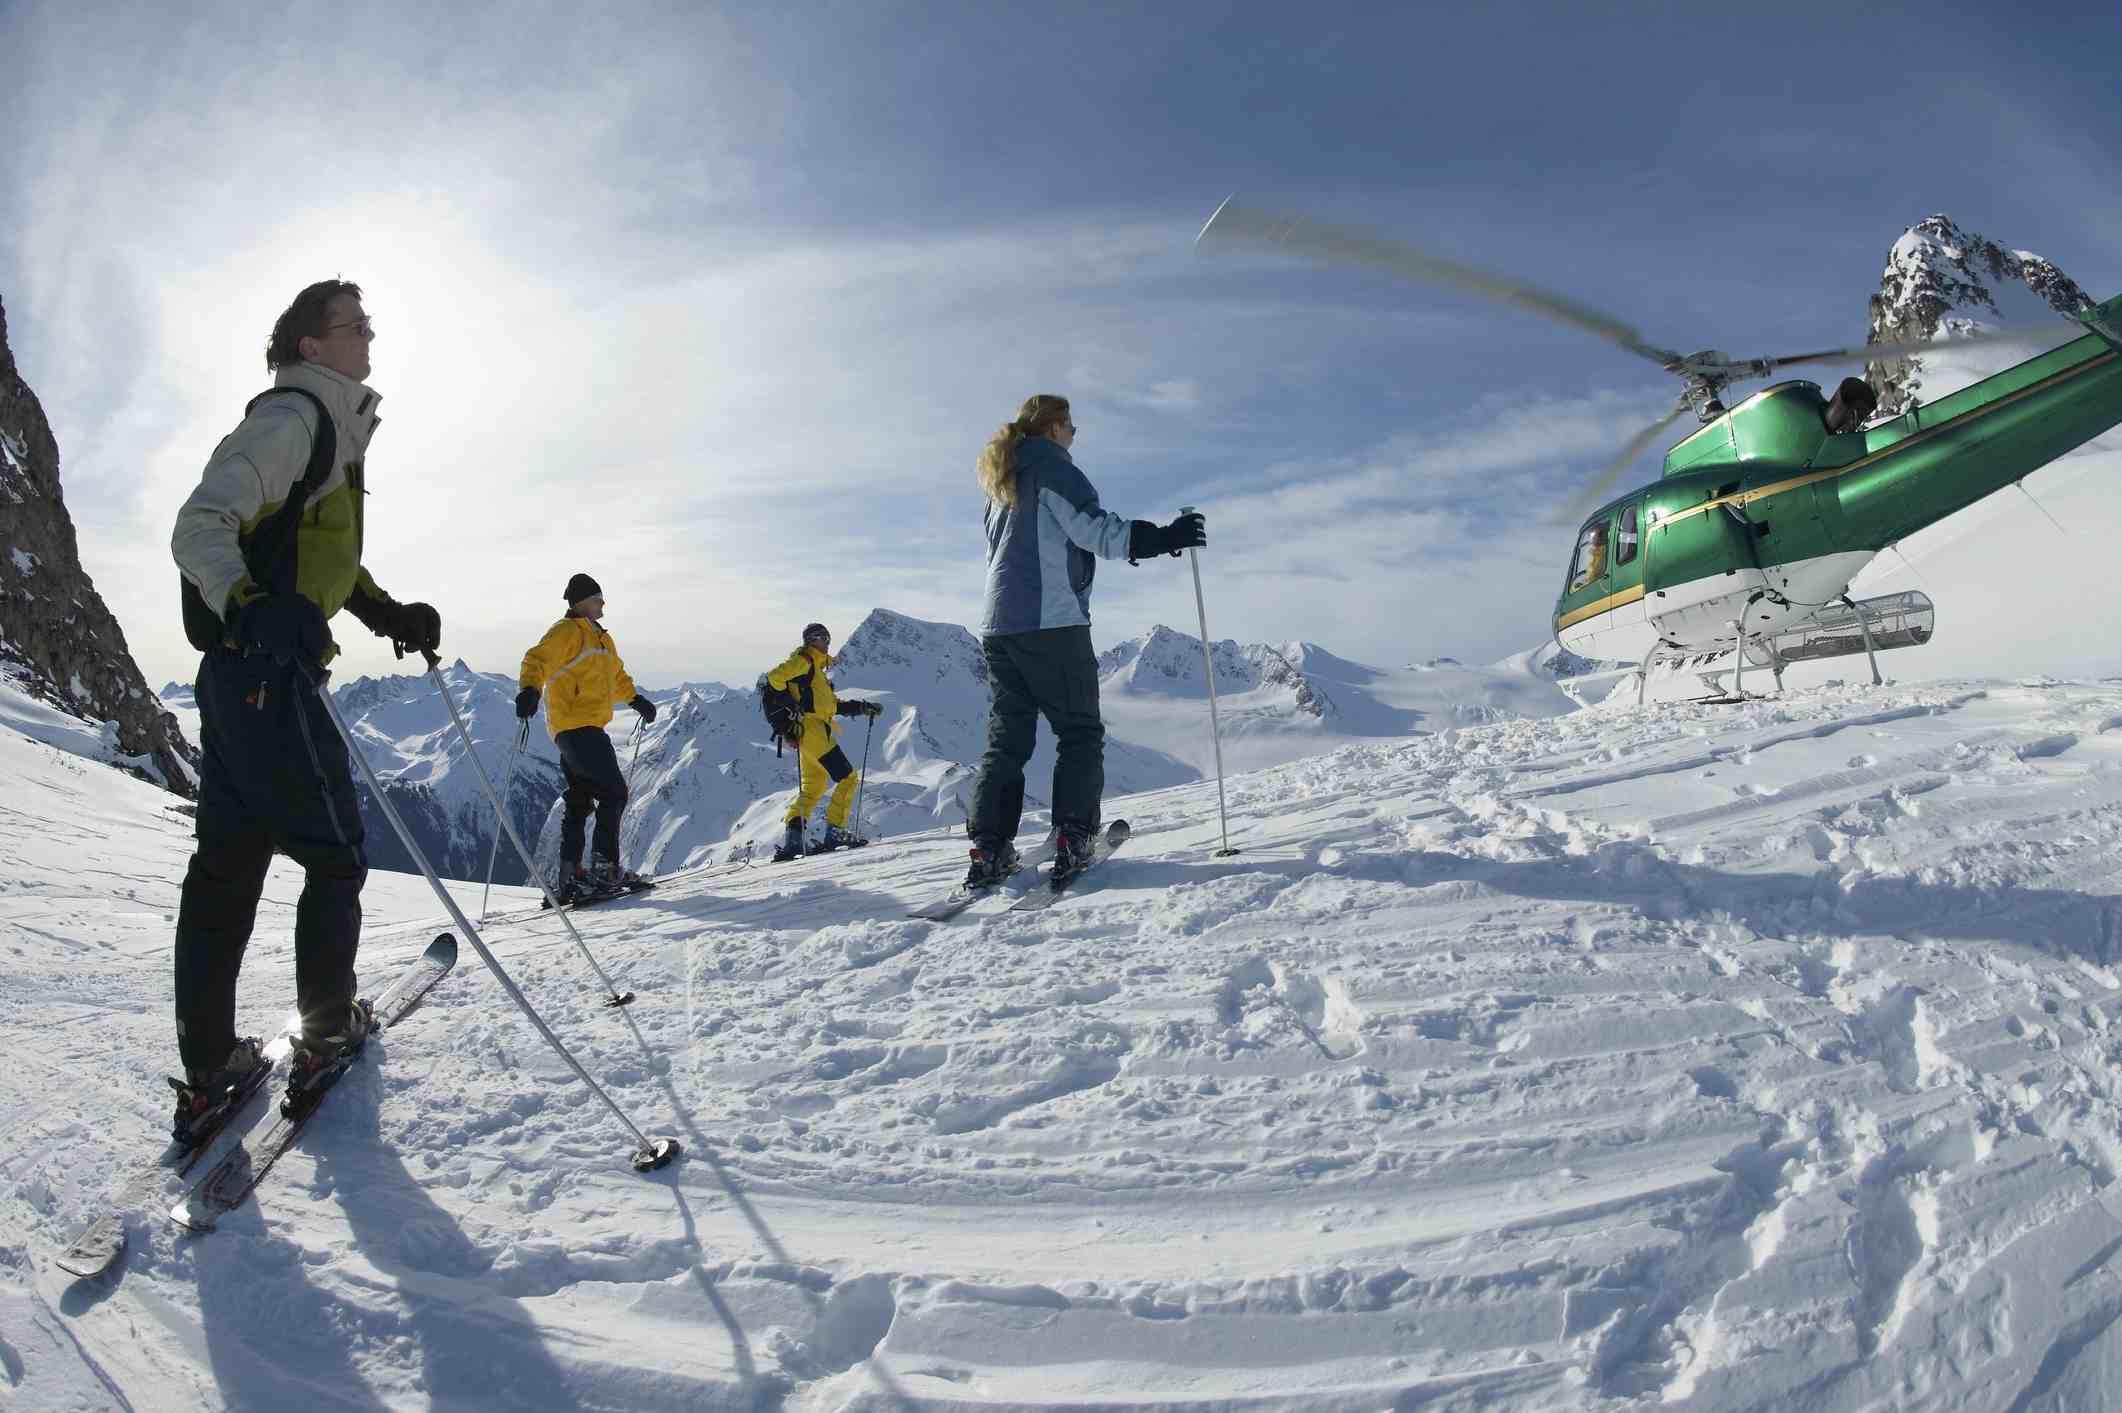 Heli skiing.